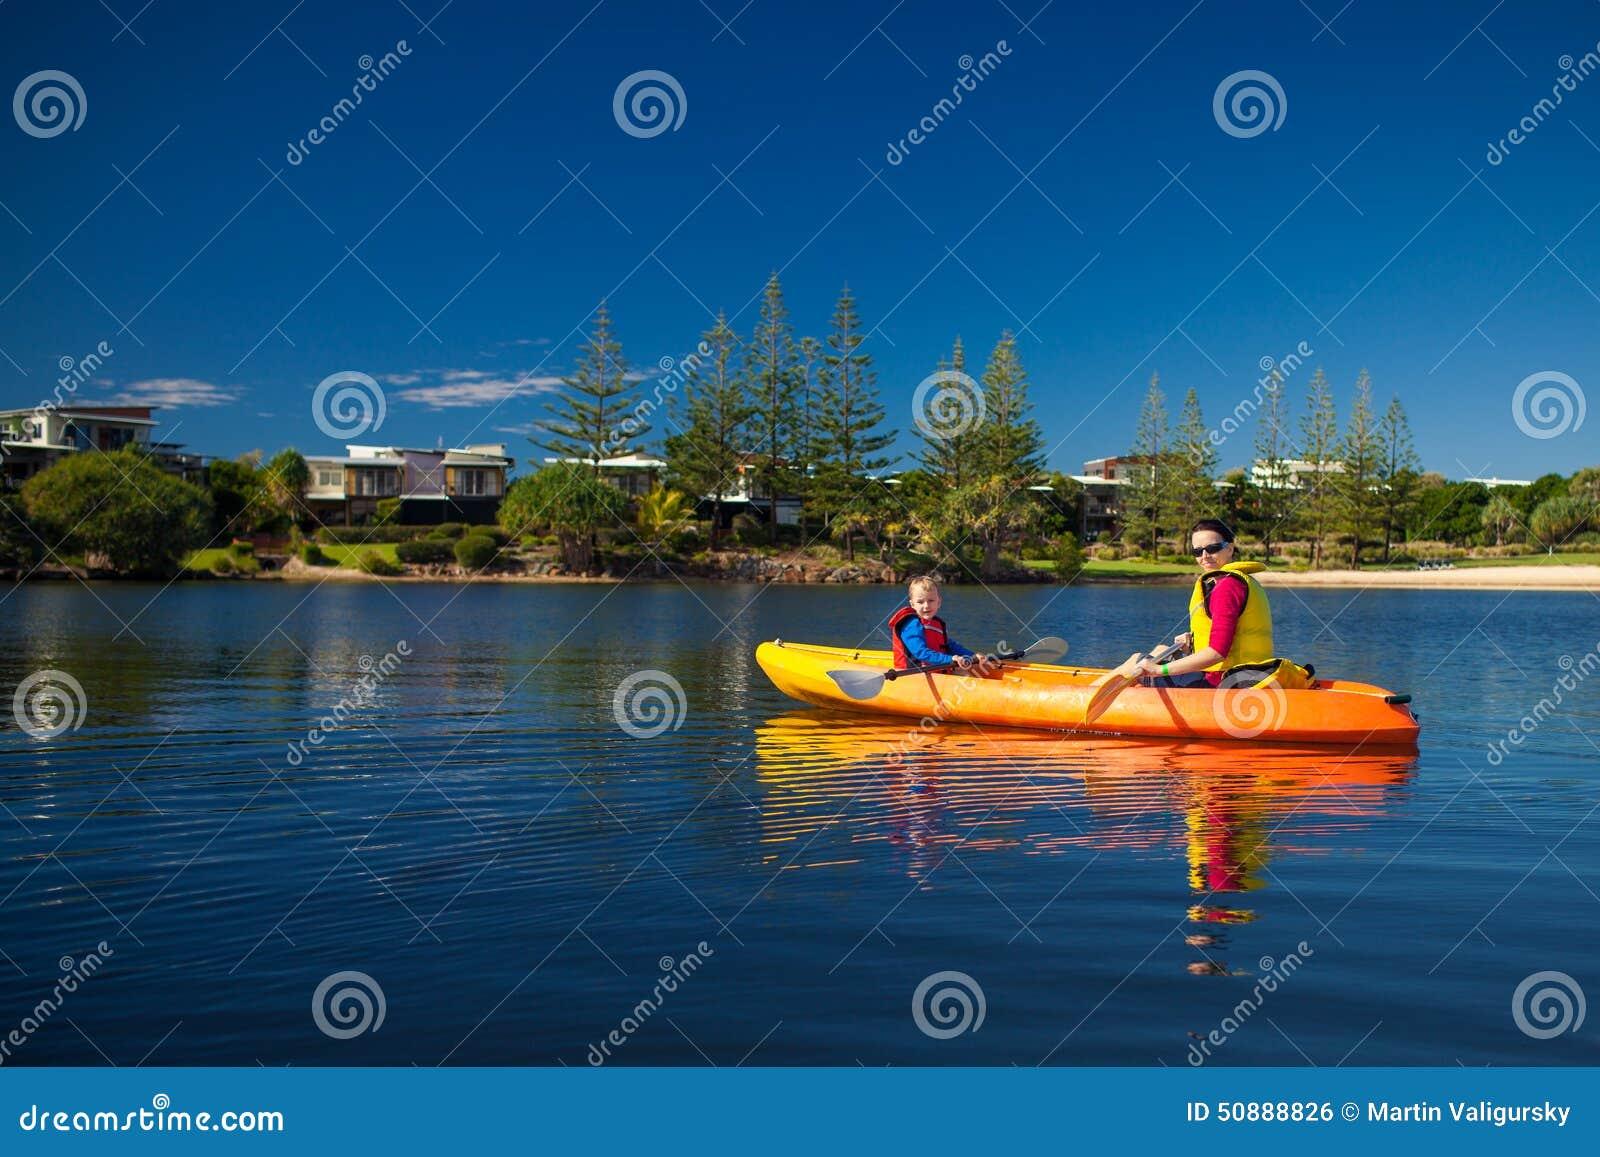 Μητέρων και γιων σε μια μικρή λίμνη